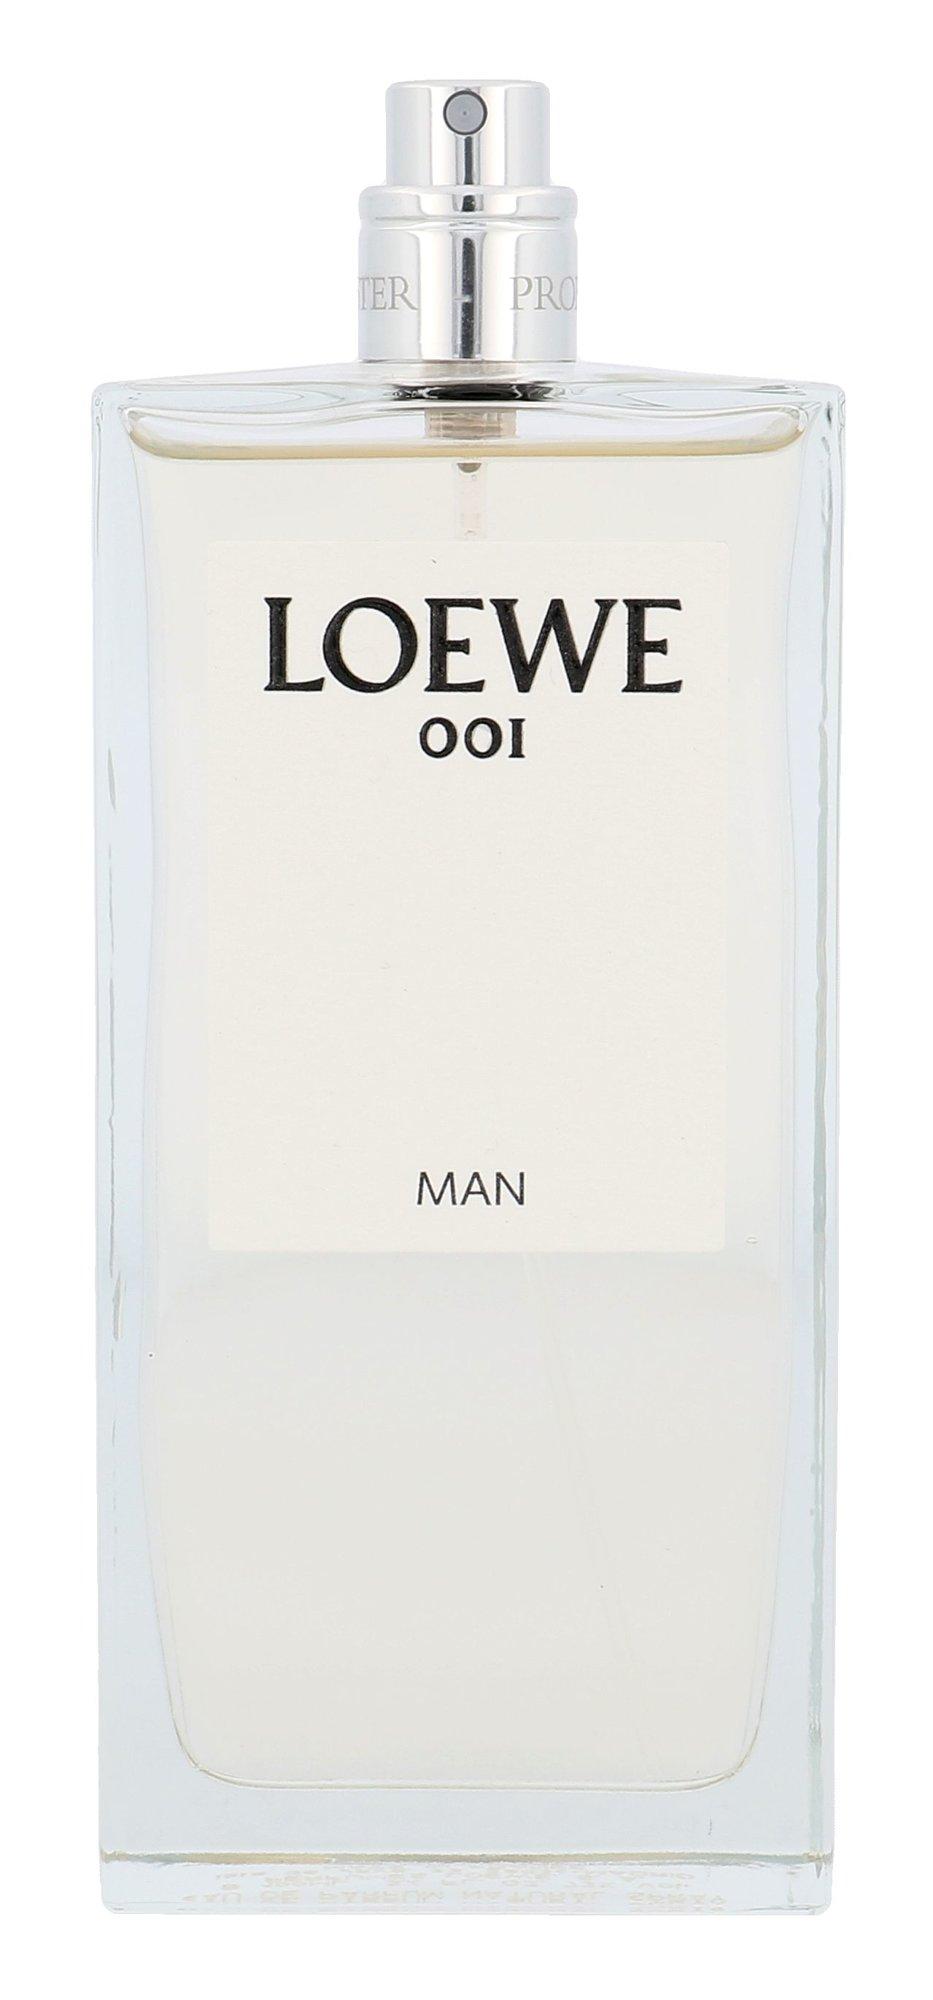 Loewe Loewe 001 Man EDT 100ml